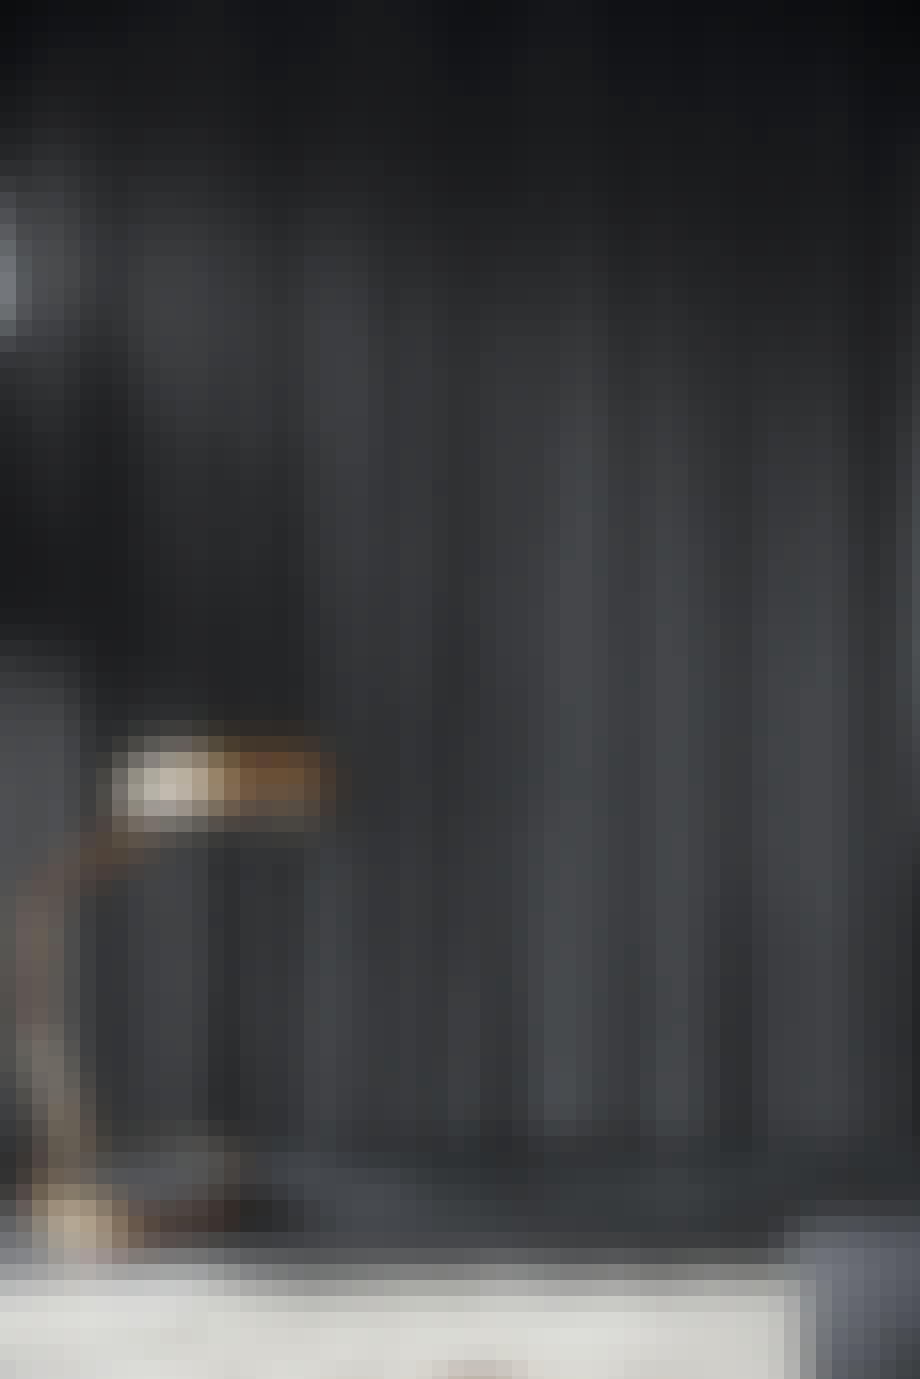 Kobberlampe foran mørkt gardin